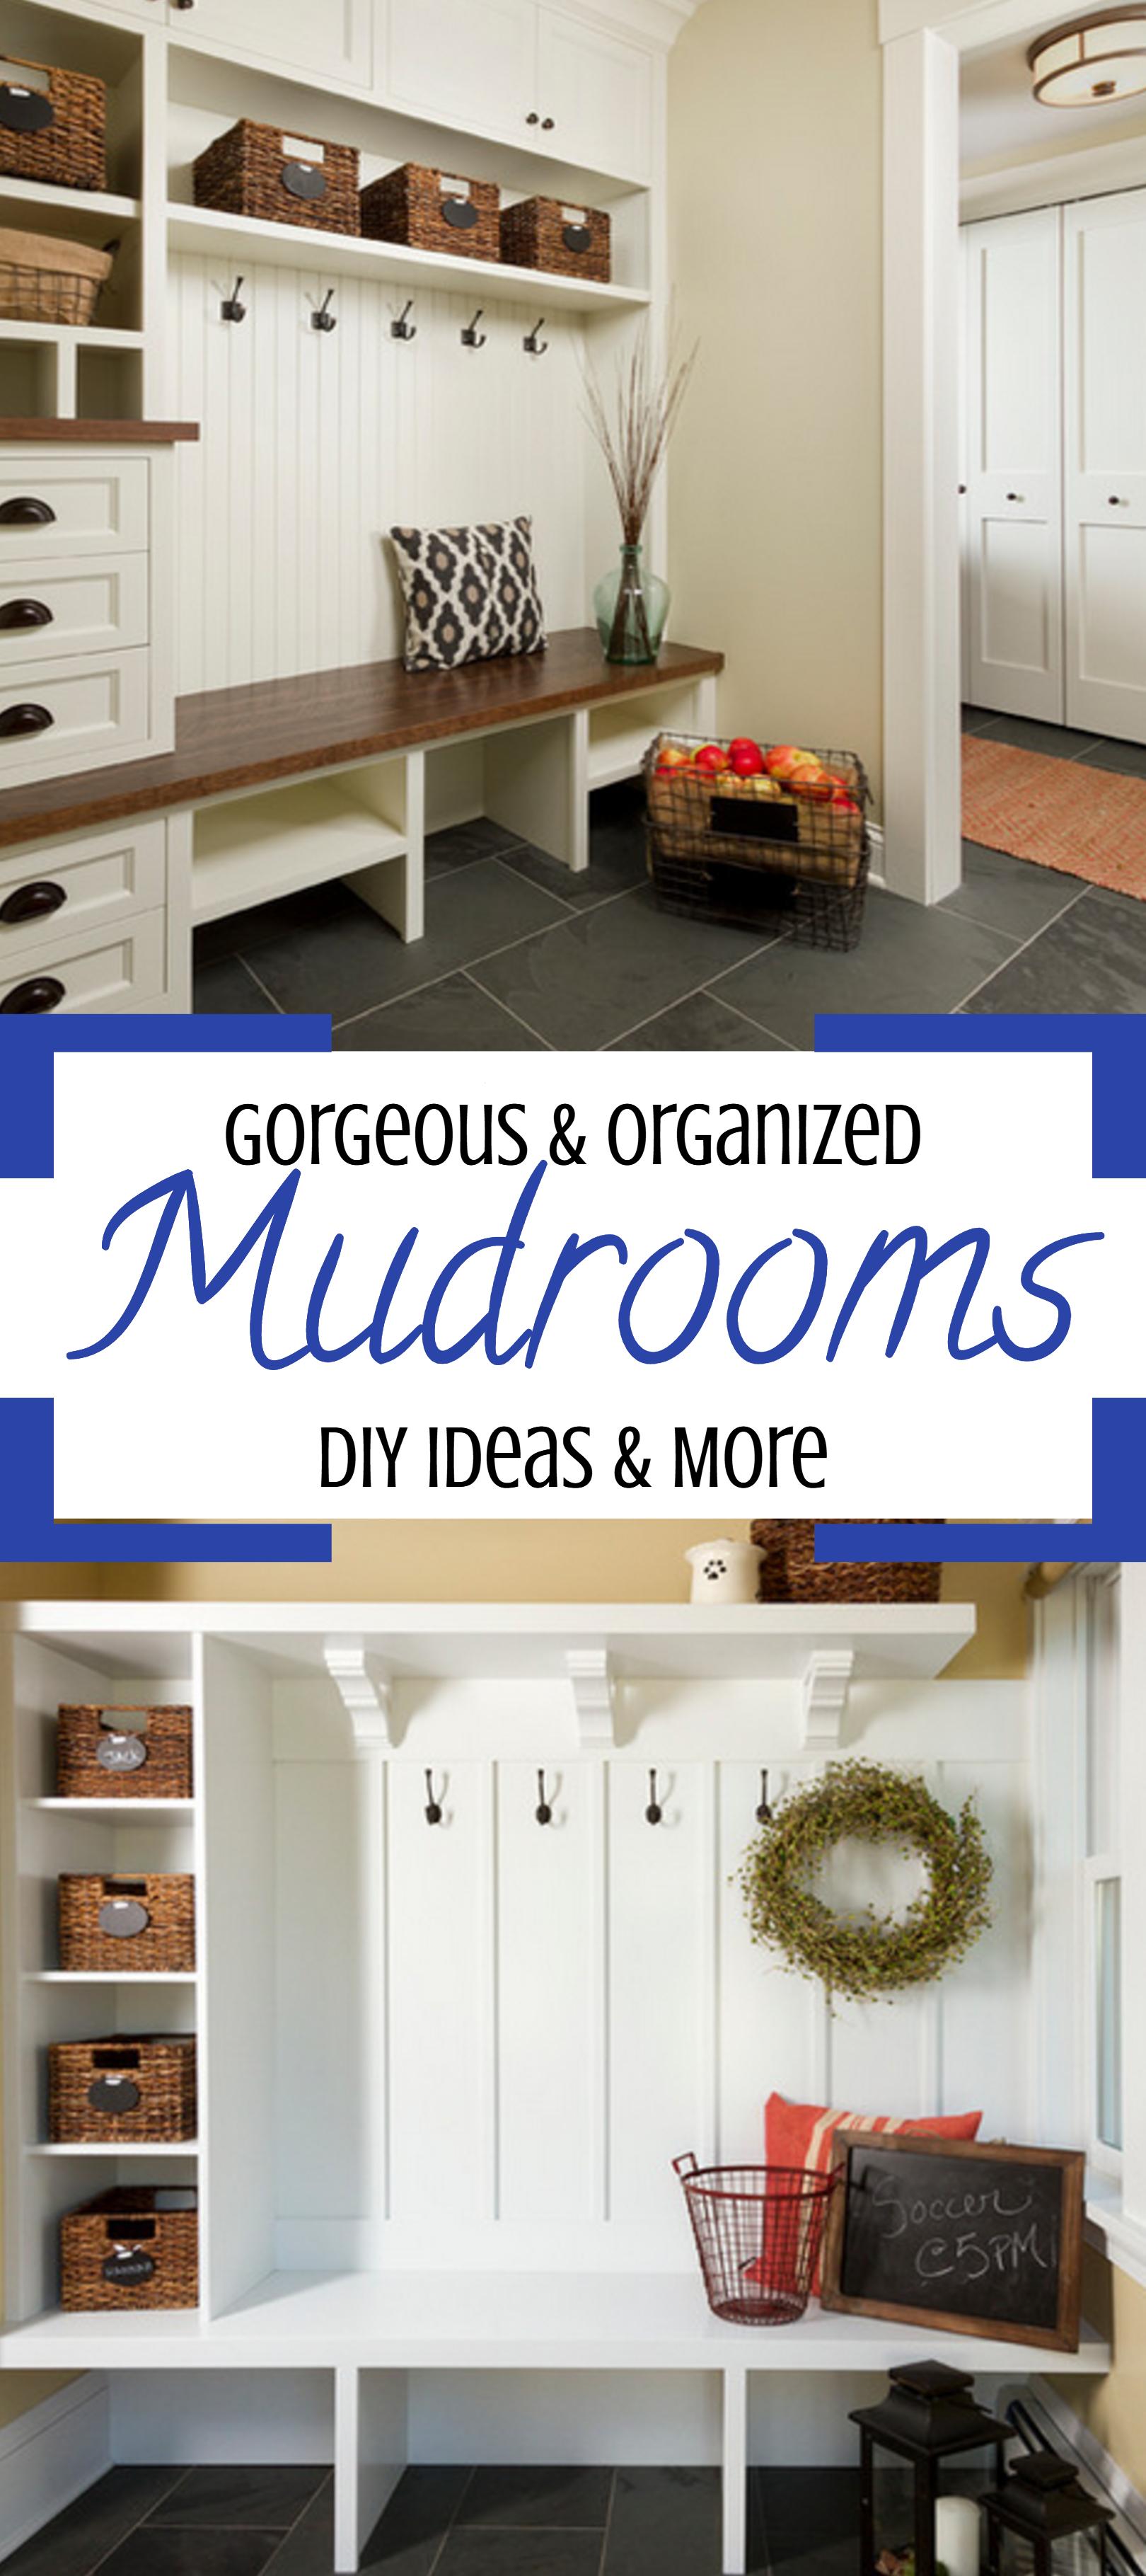 Mudroom pictures diy farmhouse mudroom ideas october for